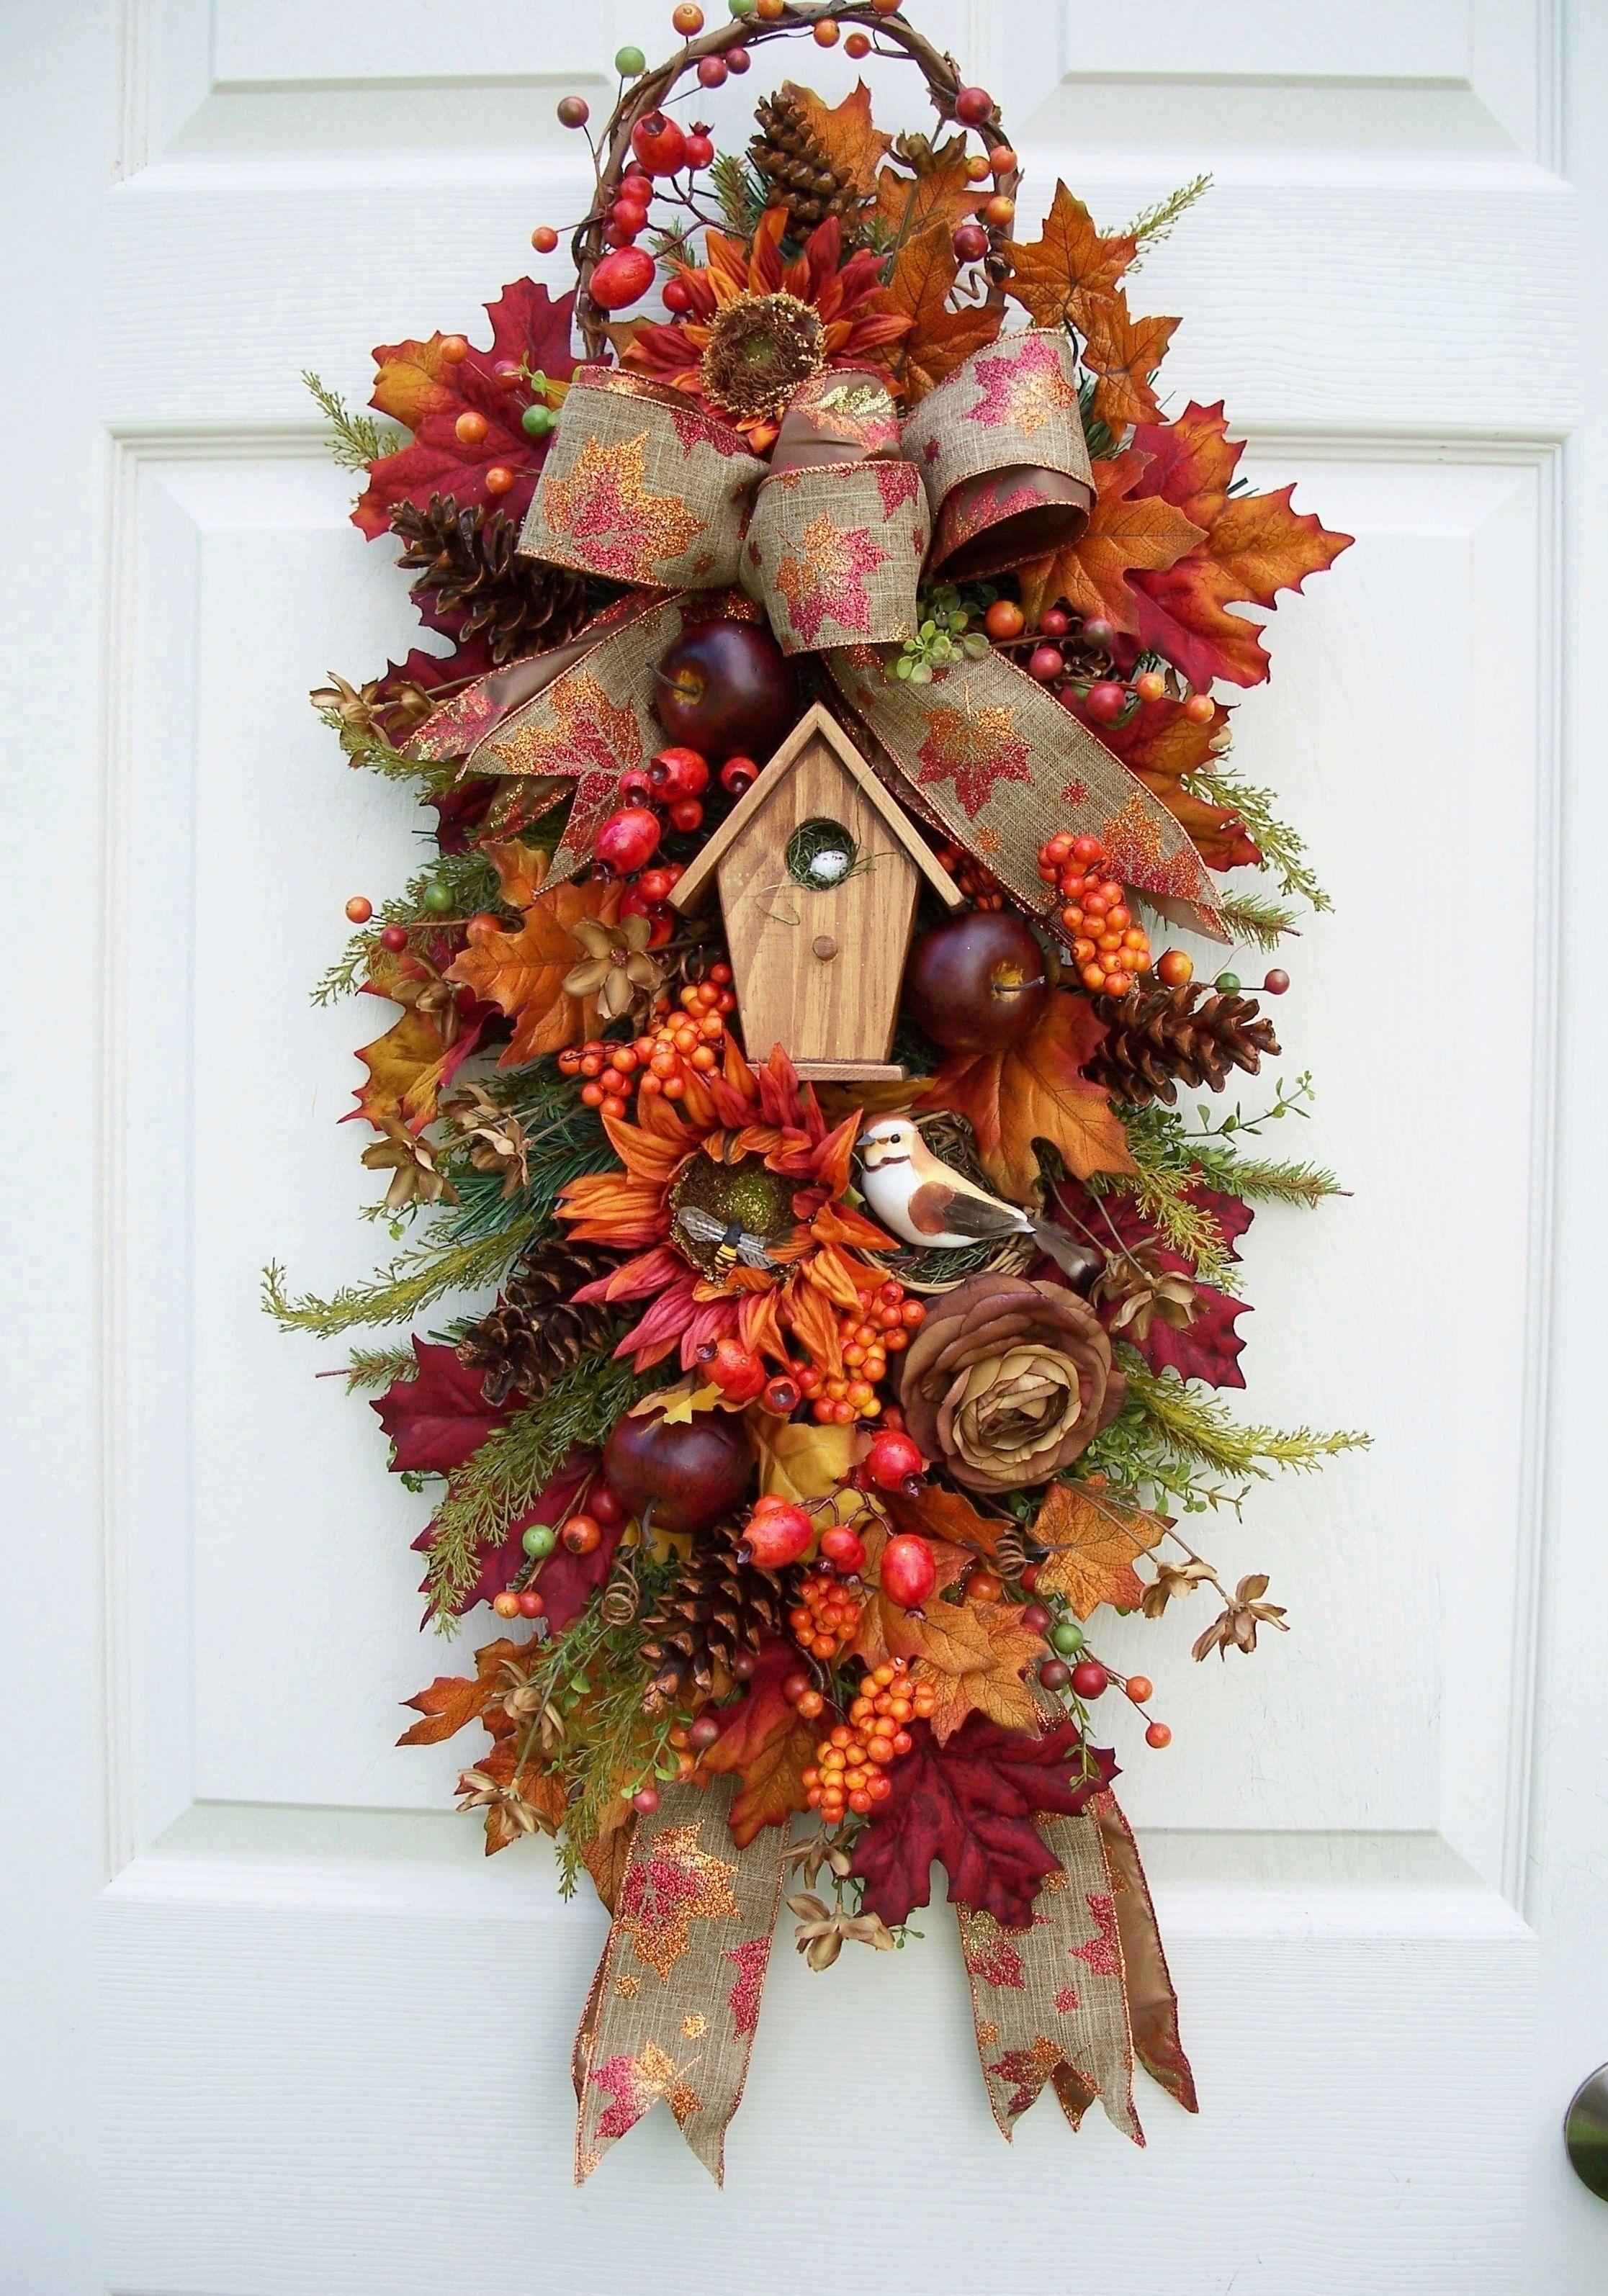 Enfeite De Outono ~ Fall swag OUTONO MARAVILHOSO WONDERFUL AUTUMN Pinterest Guirlandas, Guirlanda de ver u00e3o e